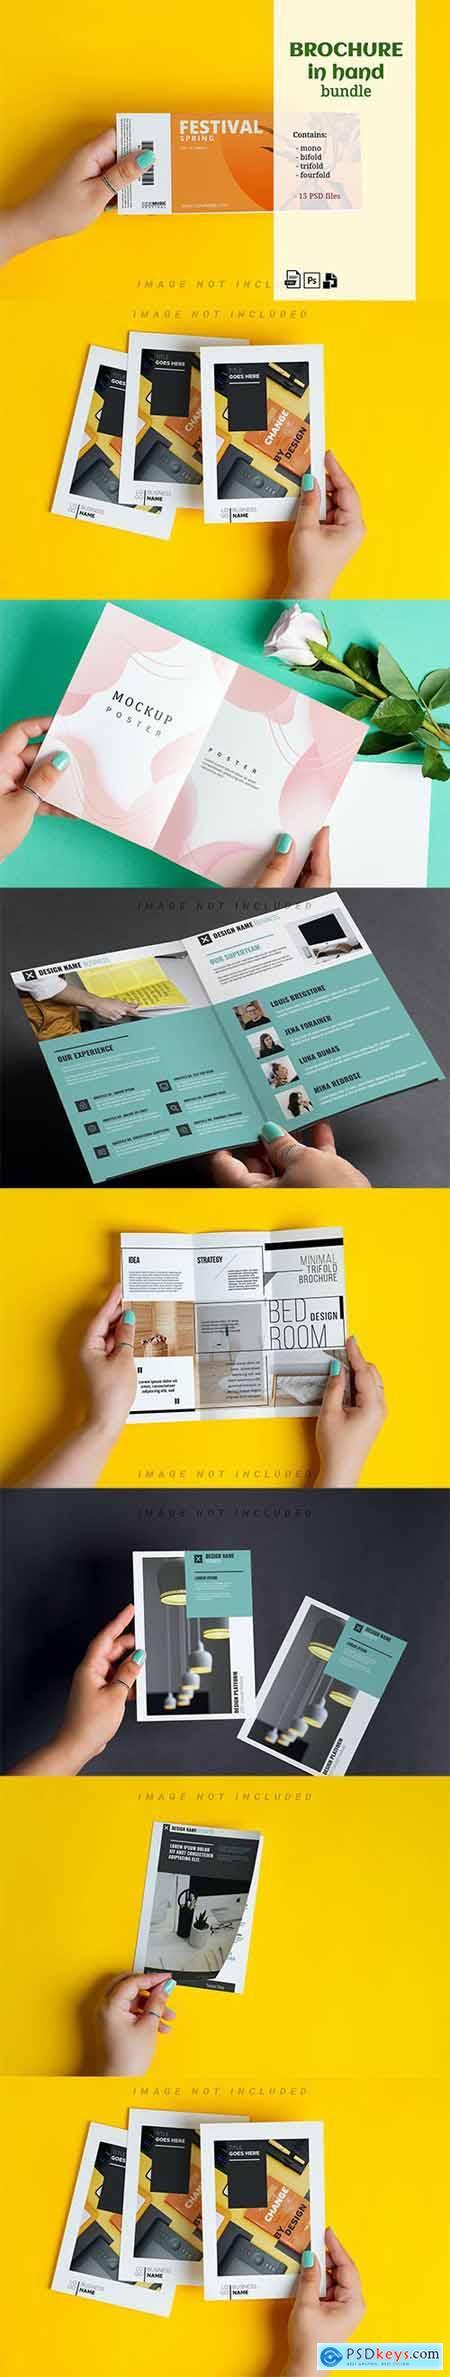 Brochure Mockup in Hand Kit